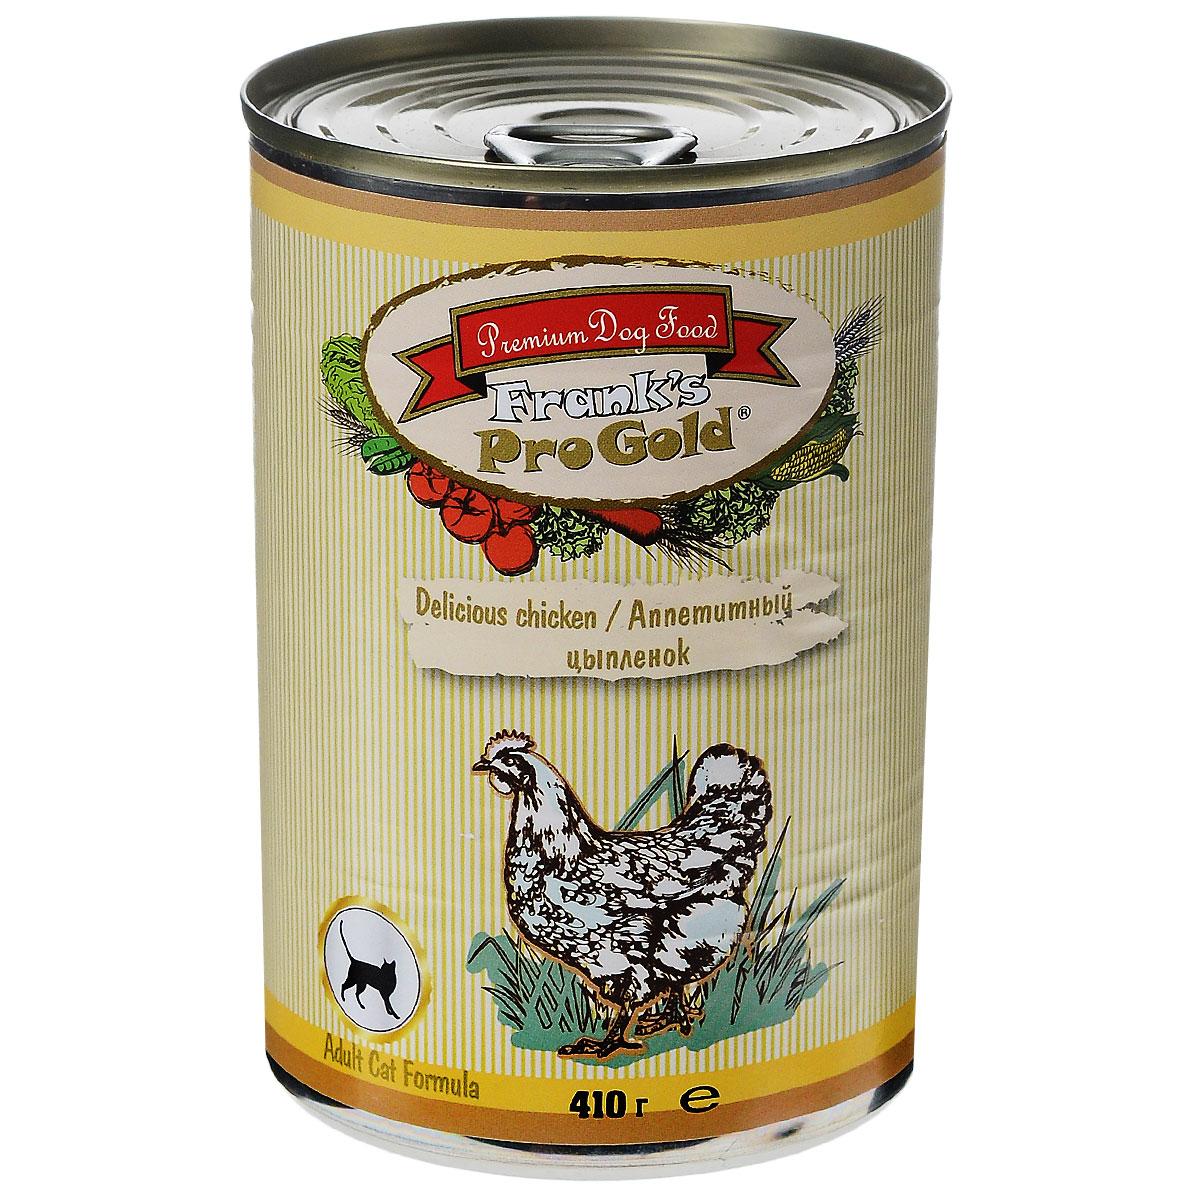 Консервы для кошек Franks ProGold, с цыпленком, 410 г0120710Консервы для кошек Franks ProGold - полнорационный продукт, содержащий все необходимые витамины и минералы, сбалансированный для поддержания оптимального здоровья вашего питомца! Ваш любимец, безусловно, оценит нежнейшие кусочки мяса в желе! Произведенные из натуральных ингредиентов, консервы Franks Pro Gold не содержат ГМО, сою, искусственных красителей, консервантов и усилителей вкуса. Состав: мясо и его производные, курица, злаки, витамины и минералы. Пищевая ценность: белки 6%, жиры 4,5%, клетчатка 0,5%, зола 2%, влажность 81%. Добавки: витамин A 1600 IU, витамин D 140 IU, витамин E 10 IU, таурин 300 мг/кг, железо 24 мг/кг, марганец 6 мг/кг, цинк 15 мг/кг, медь 1 мг/кг, магний 200 мг/кг, йодин 0,3 мг/кг, селен 0,2 мг/кг. Калорийность: 393,6 ккал. Товар сертифицирован.